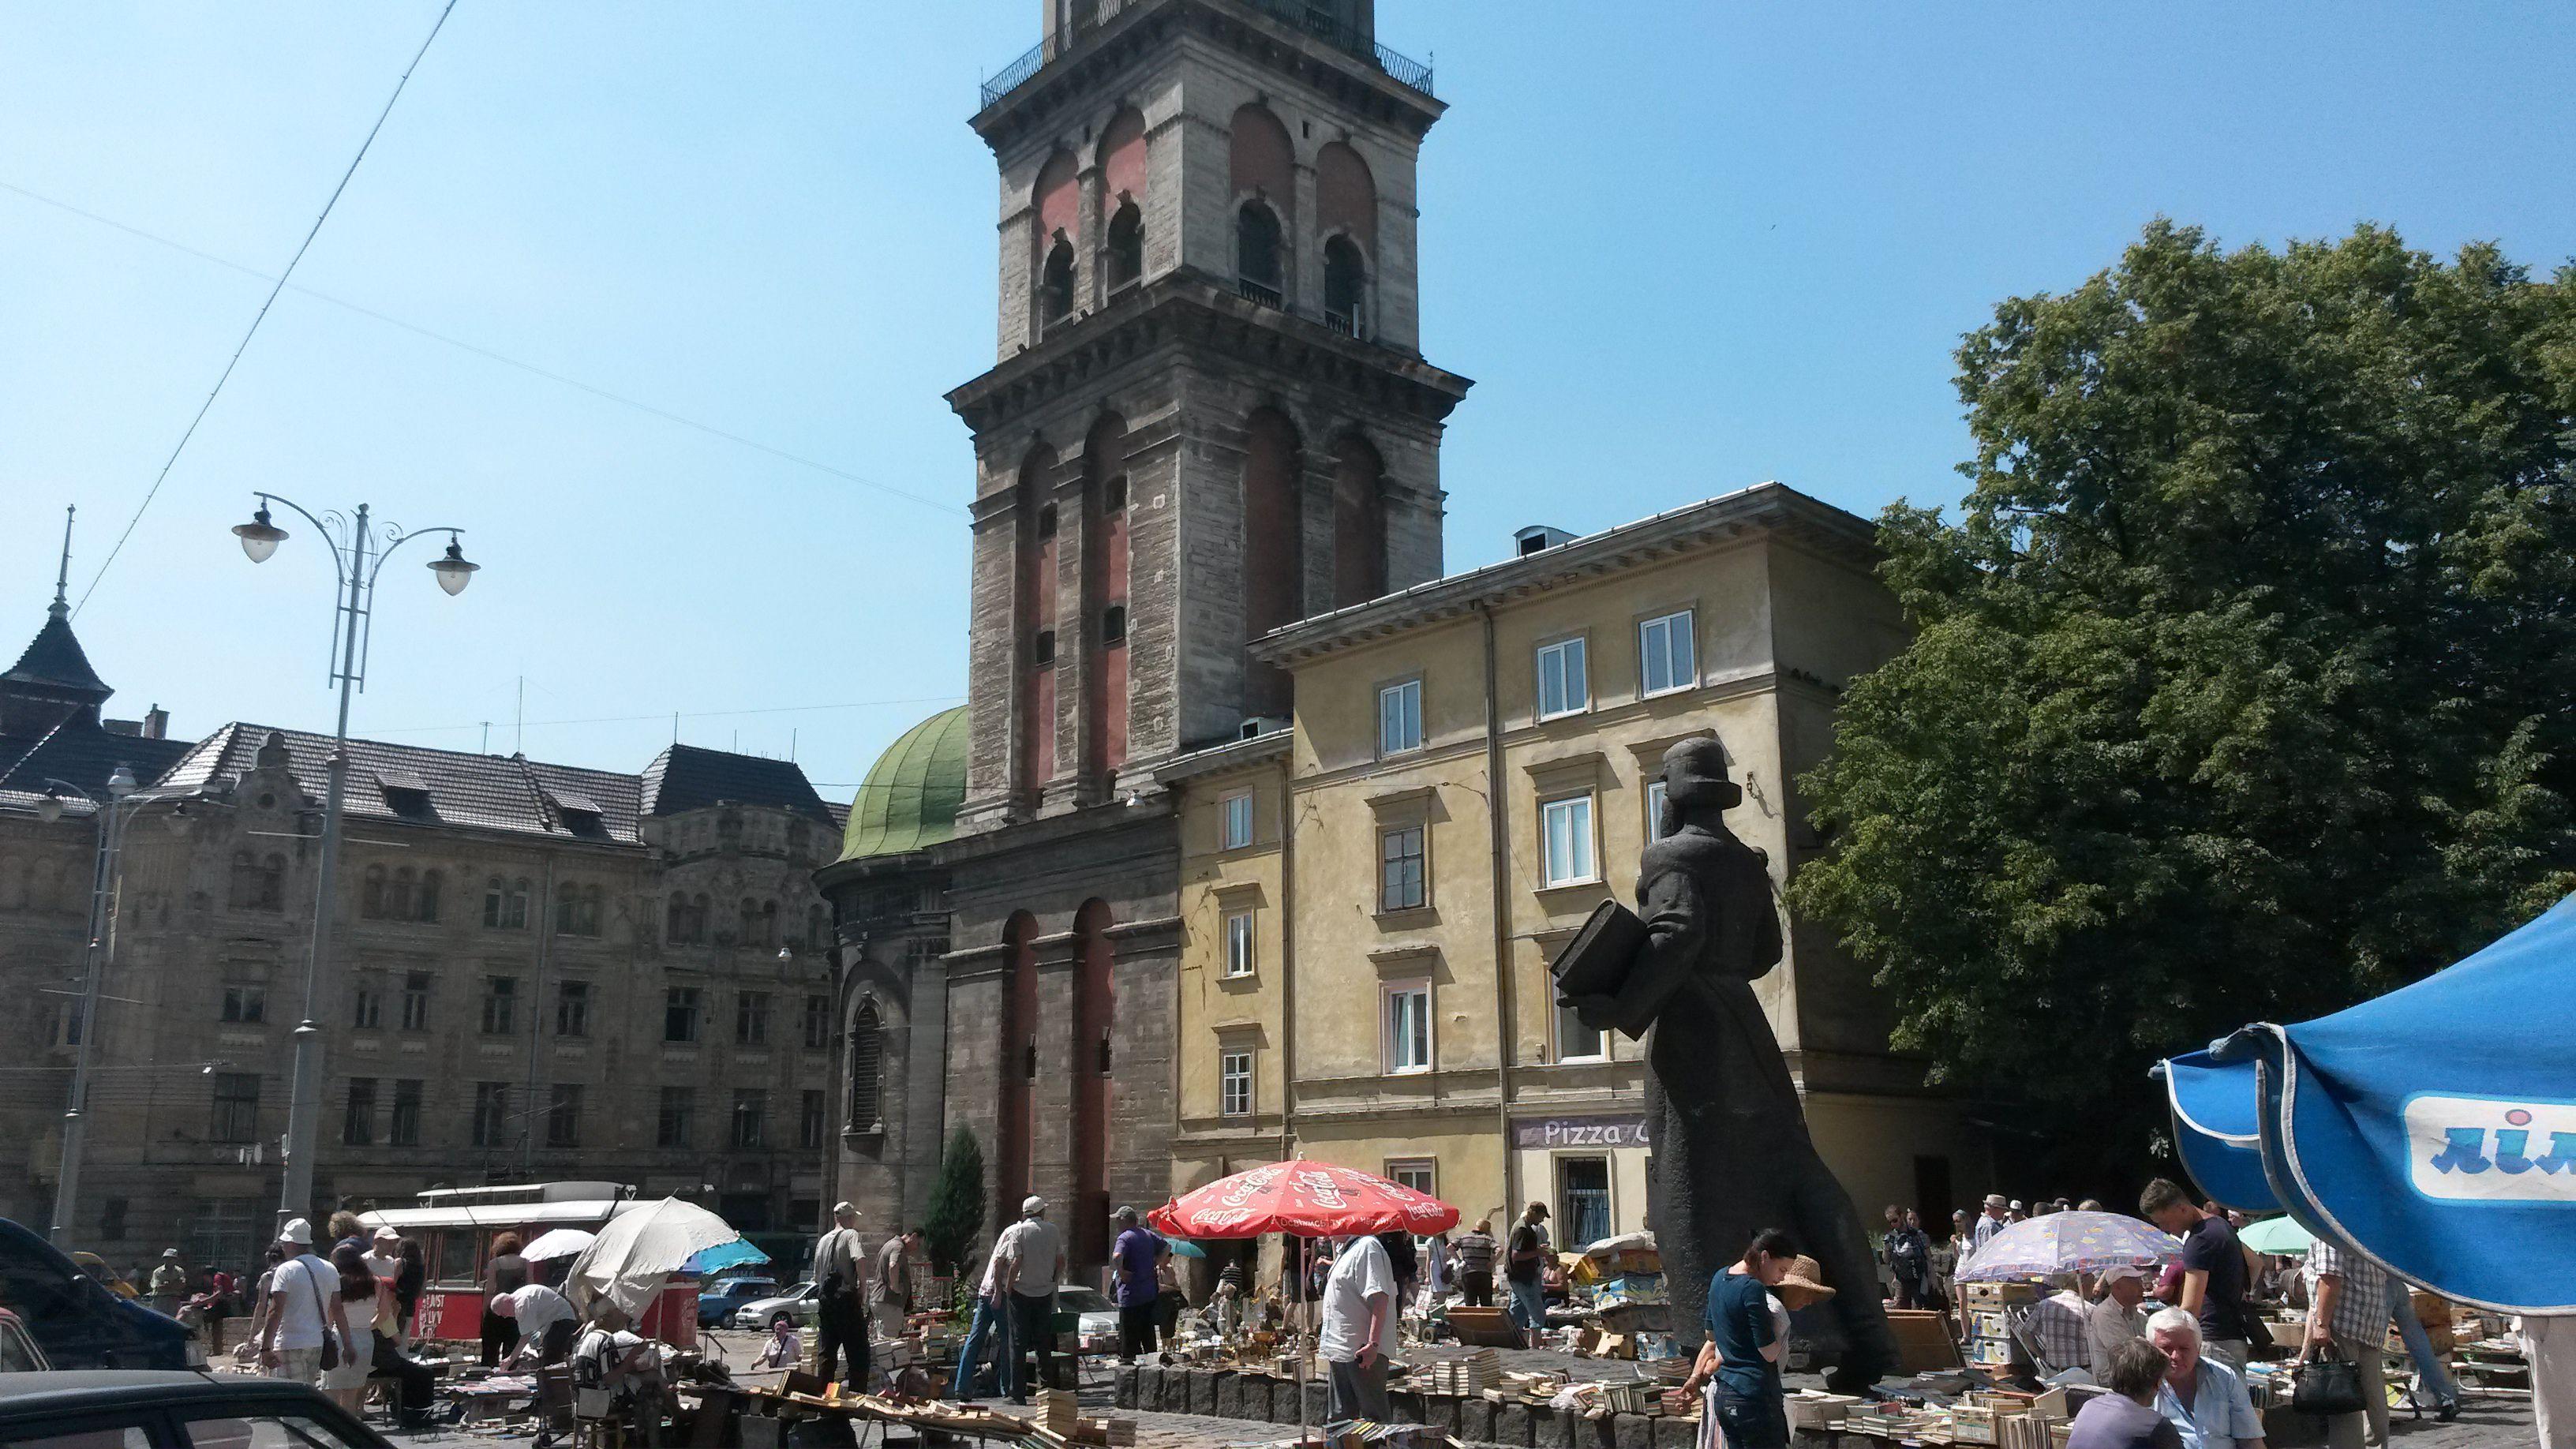 Arsenal'in hemen yanındaki küçük meydan, Lviv